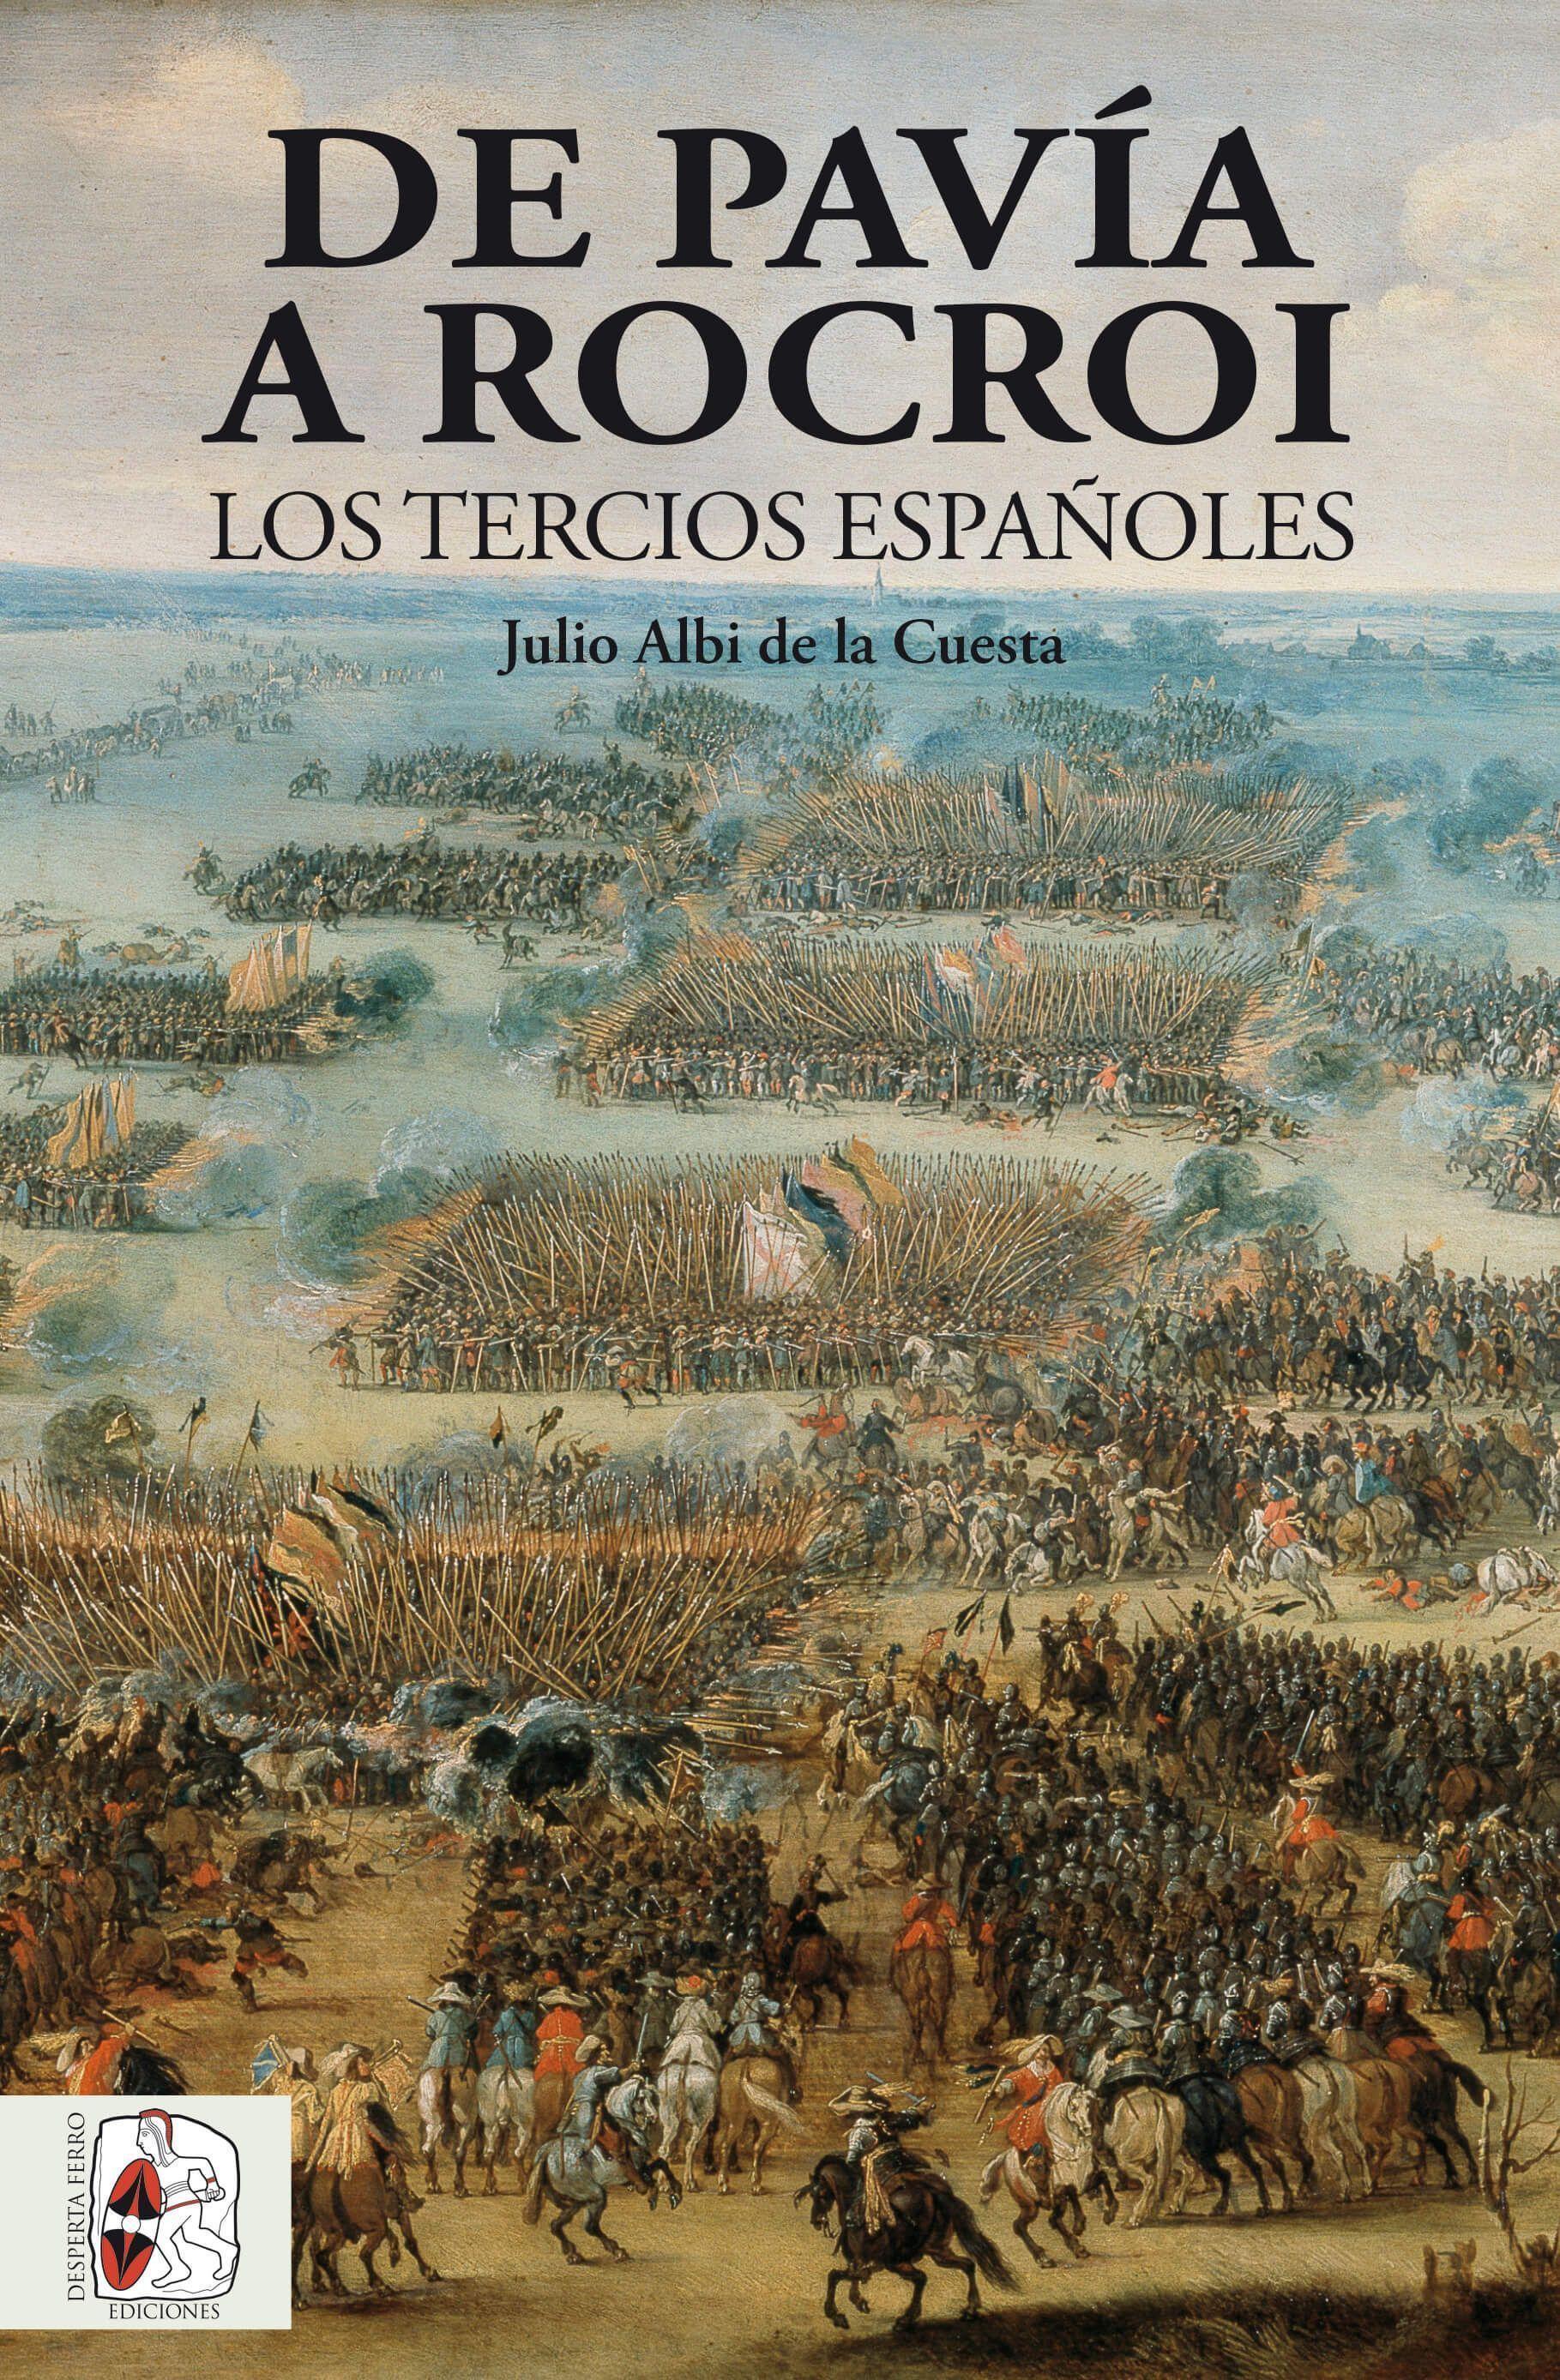 De Pavía a Rocroi. Los Tercios españoles Julio Albi de la Cuesta